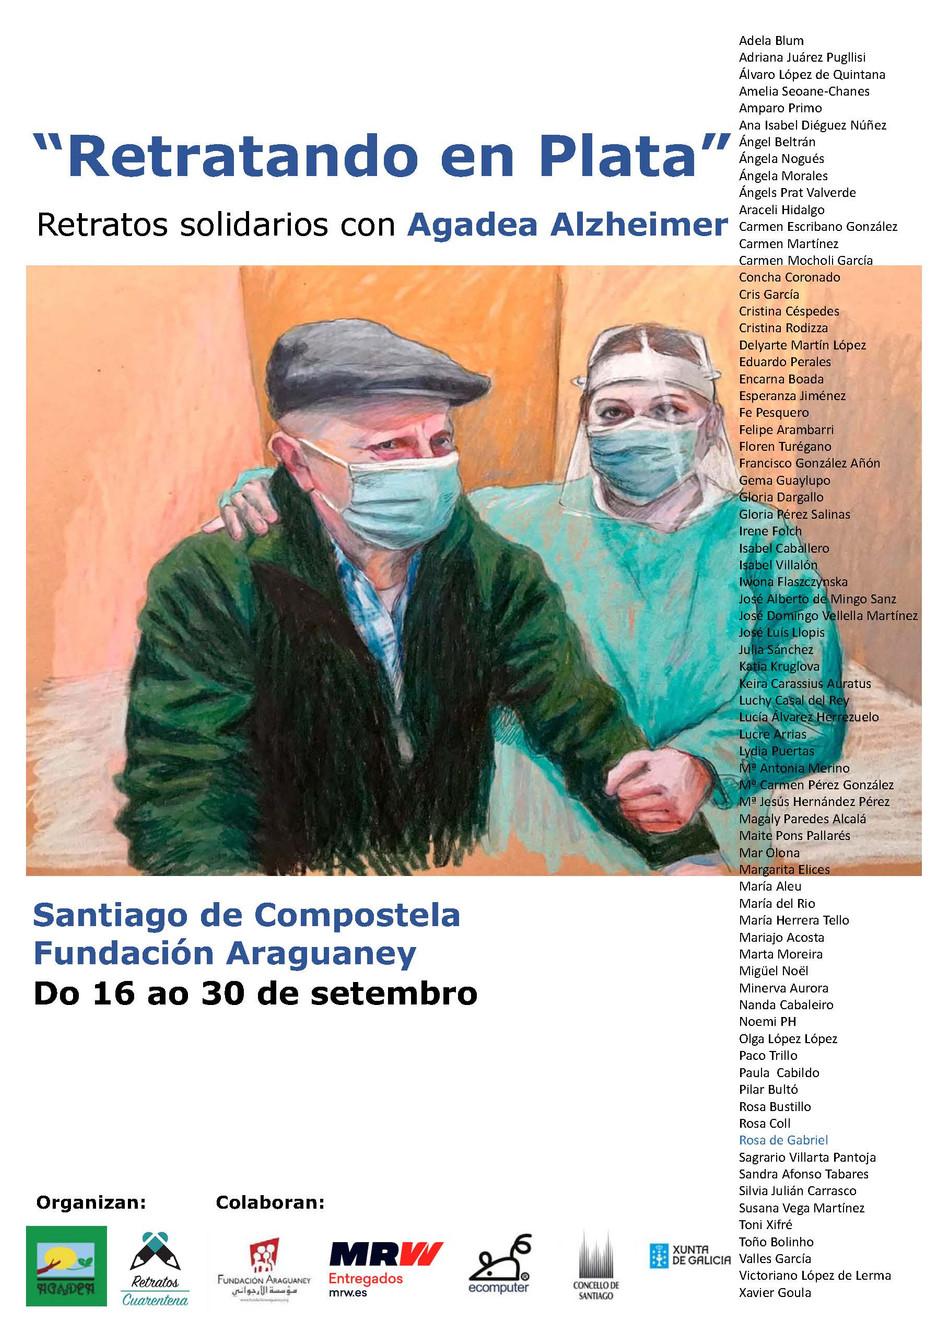 AGADEA conmemora el Día Mundial del Alzhéimer con la exposición 'Retratando en Plata'